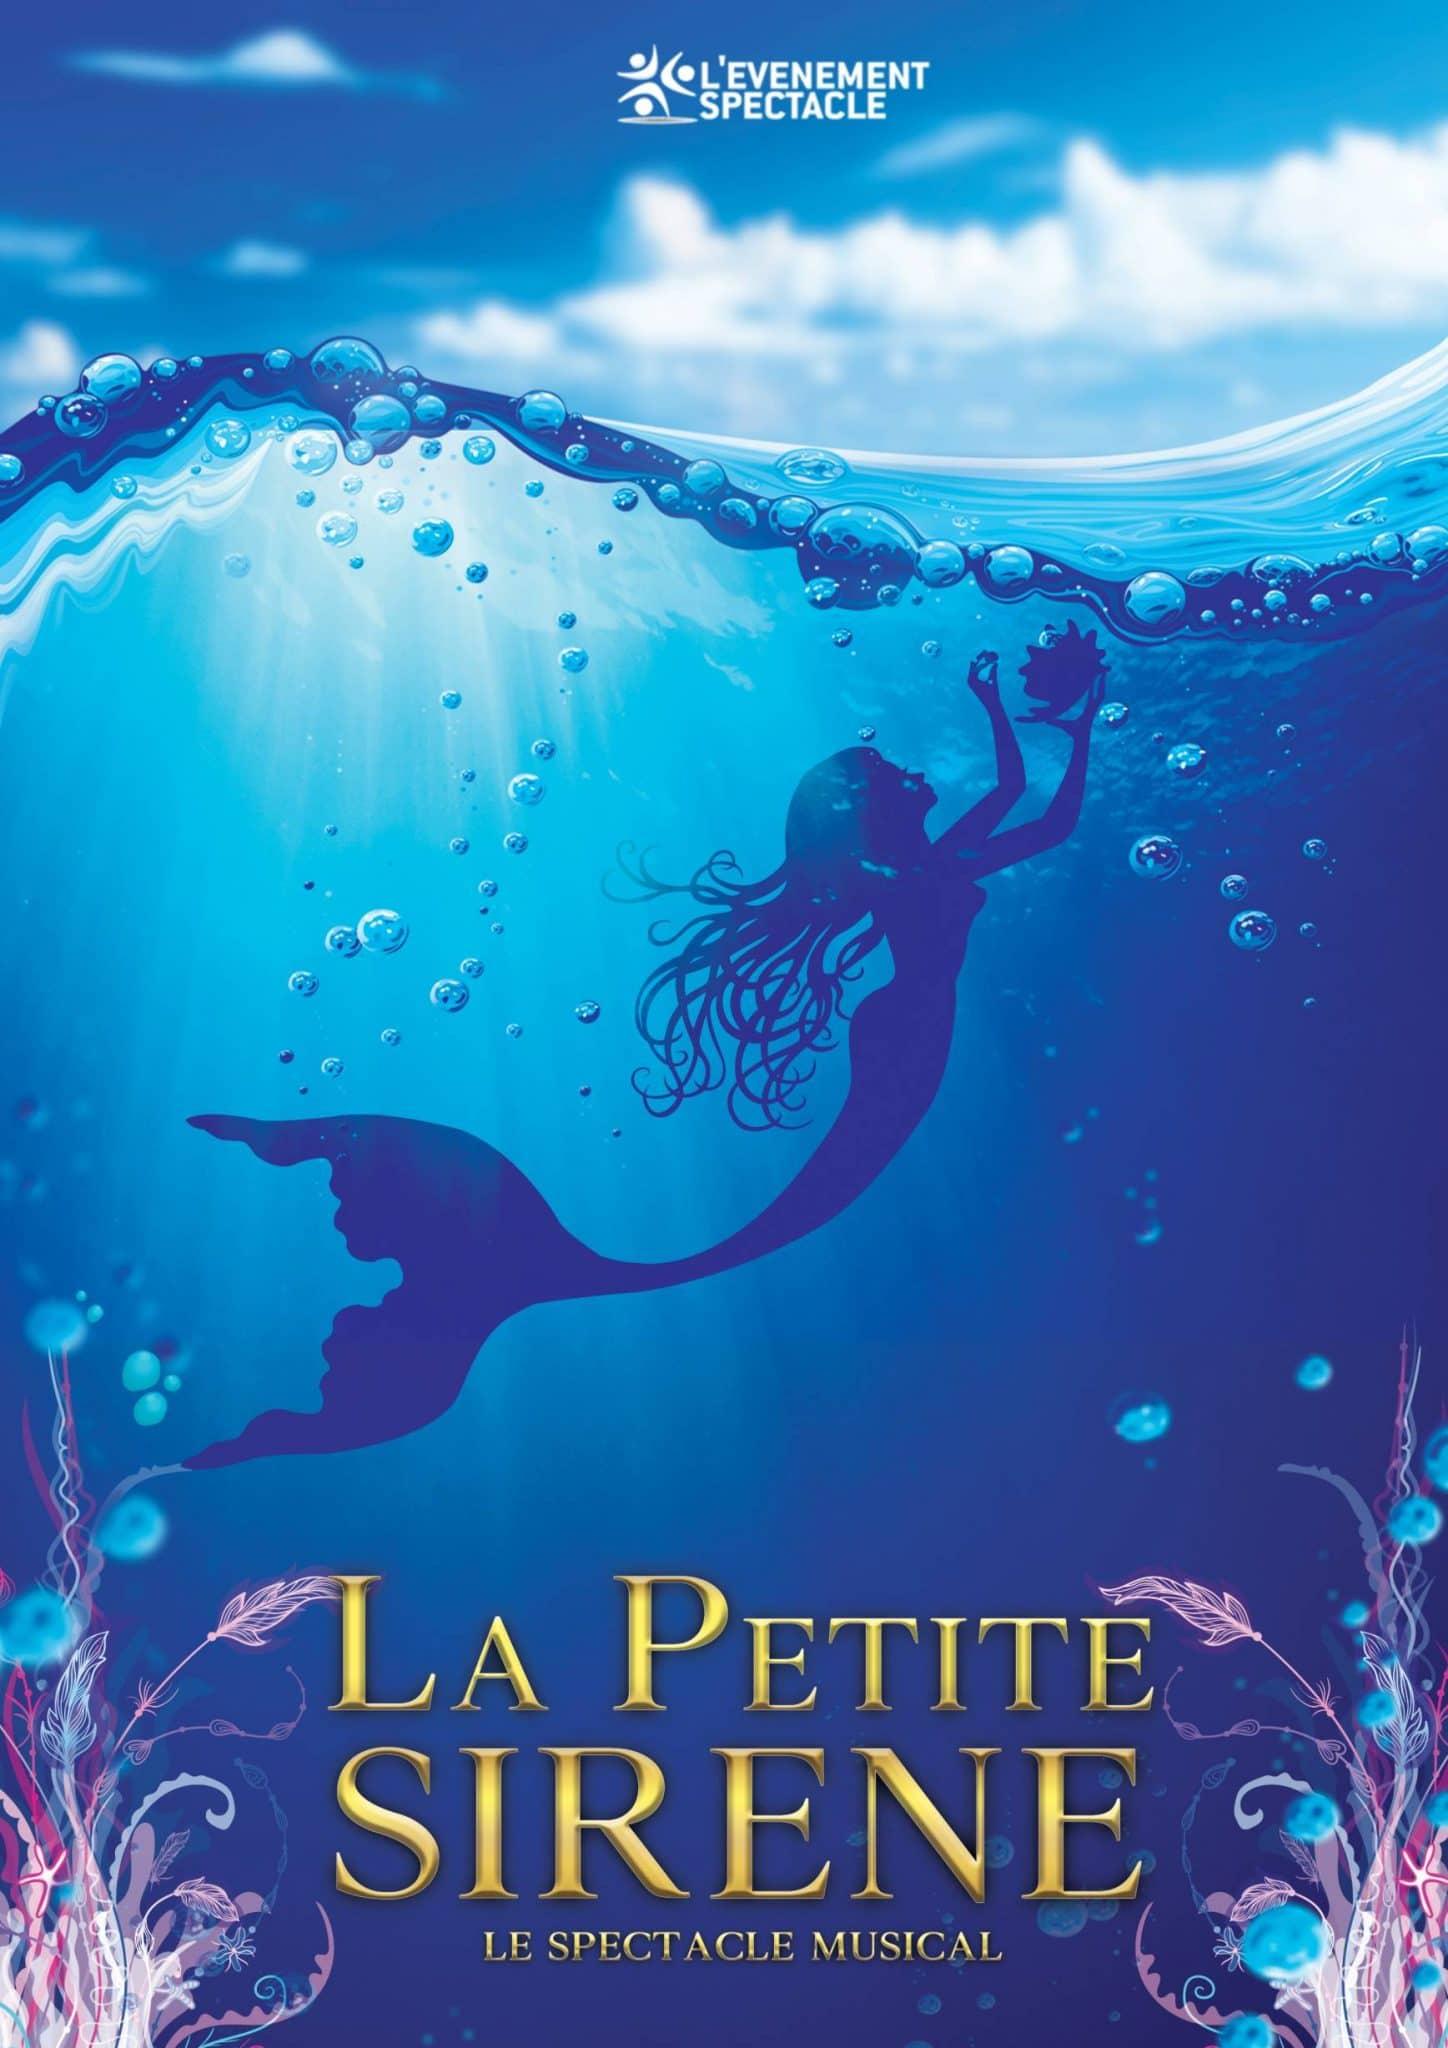 La Petite Sirène le spectacle musical pour les CSE avec l'Evenement spectacle